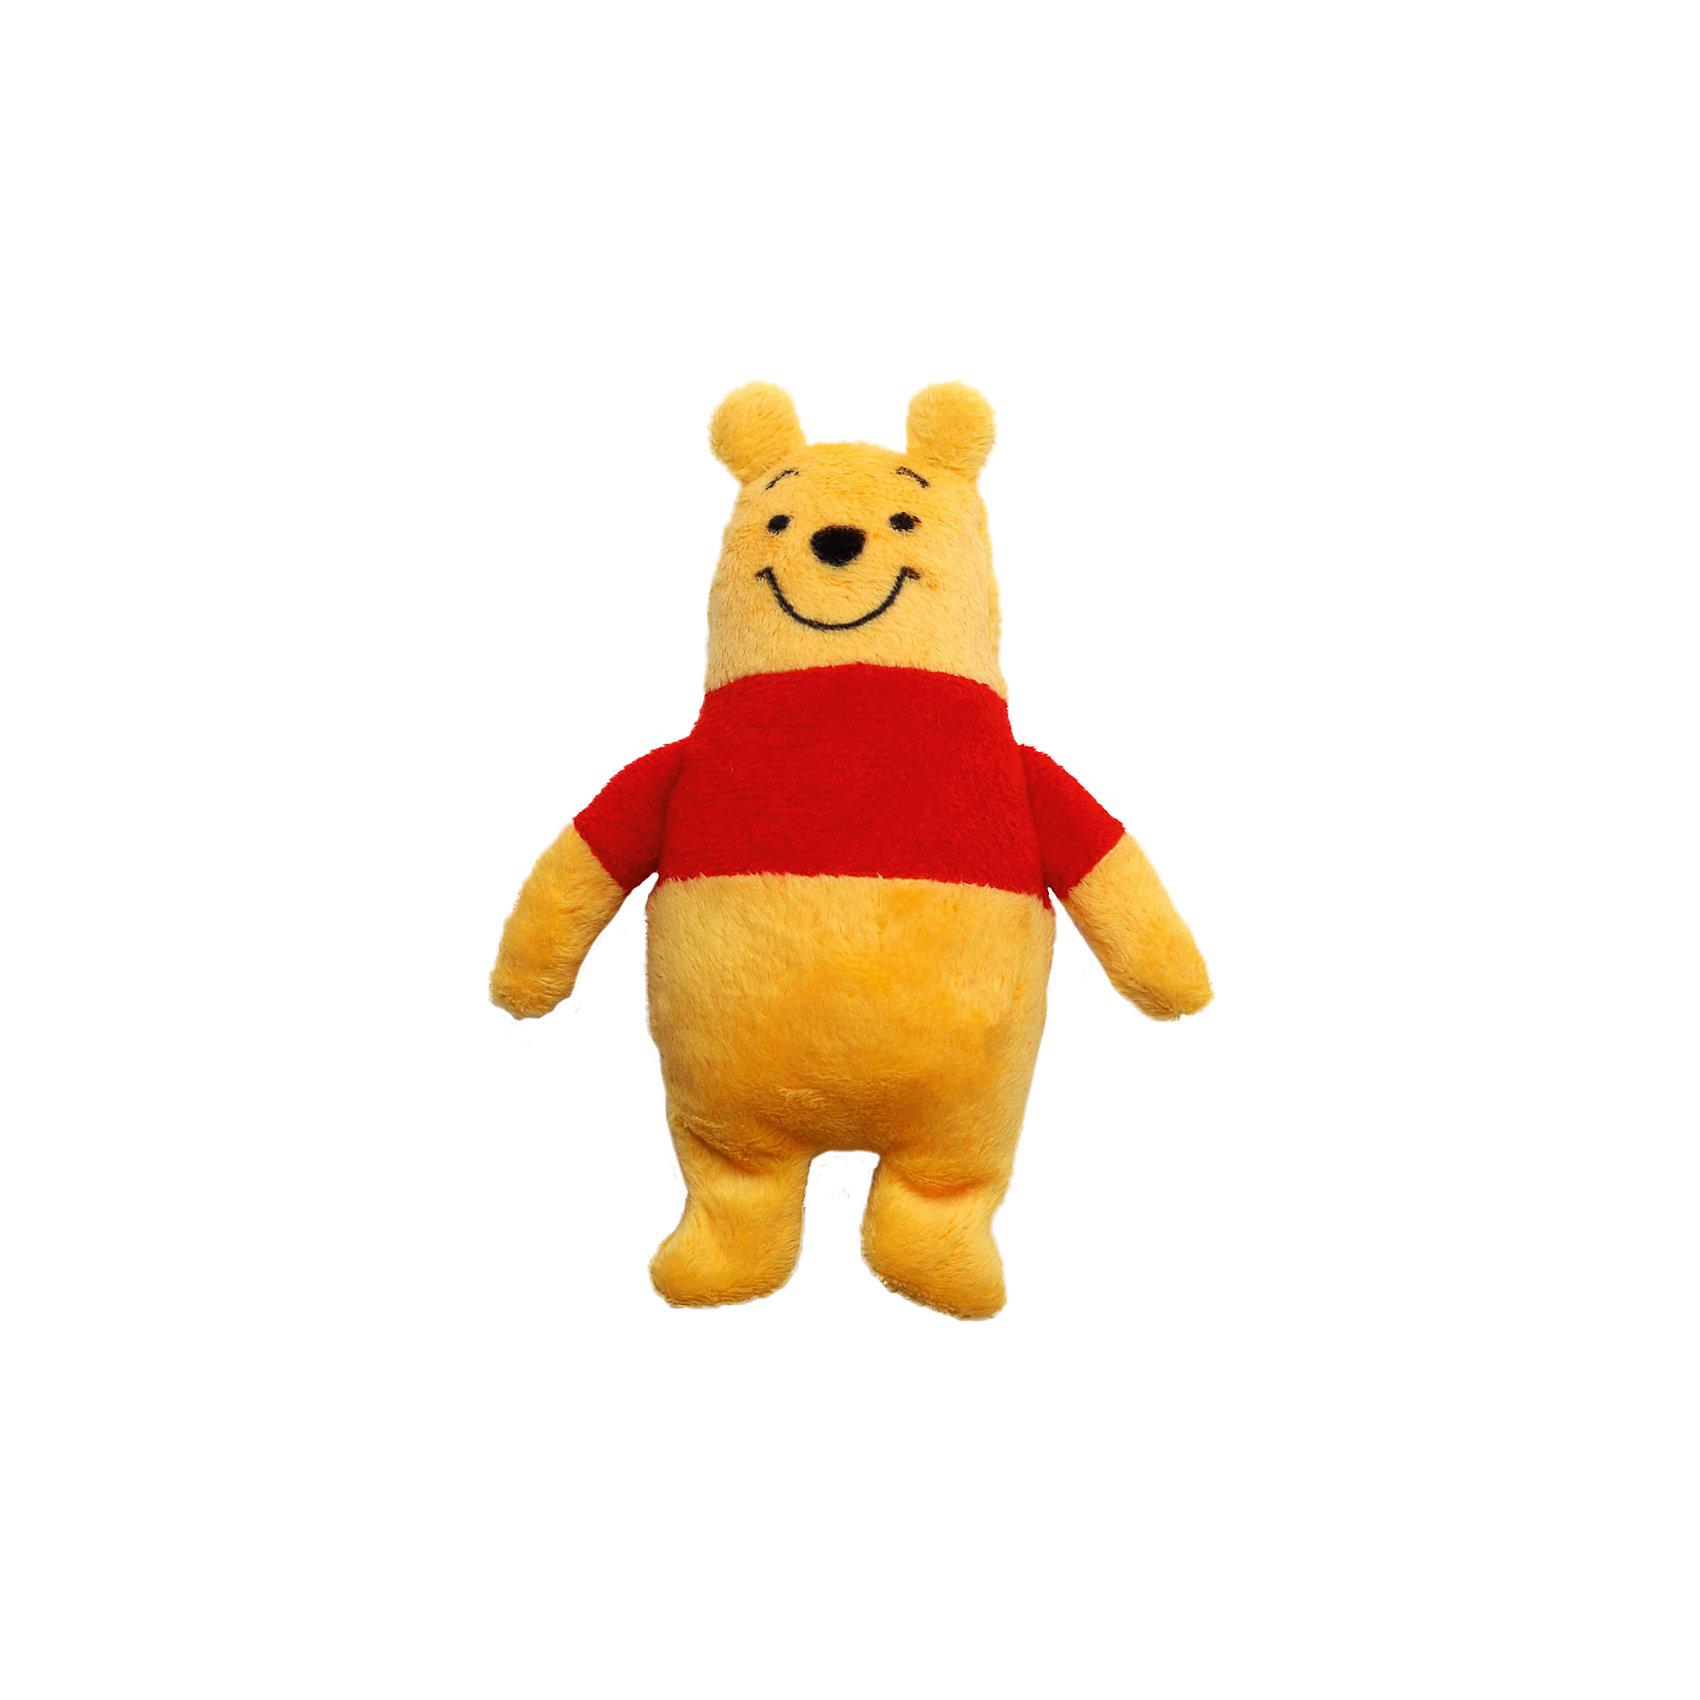 Игрушка для ванной Винни, Disney, 18 смОчаровательный медвежонок Винни подарит много улыбок и радости малышам! Купание с любимым героем станет еще приятнее и интереснее. Игрушка выполнена из мягкого плюша, как только медвежонок попадает в воду, он начинает расти, с большой мягкой игрушкой можно играть в течение недели. Постепенно Винни будет уменьшаться, но как только его снова искупаешь, он опять вырастет. <br><br>Дополнительная информация:<br><br>- Материал: плюш, полиуретан.<br>- Размер: 15х23 см.<br><br>Игрушку для ванной Винни, Disney (Дисней), можно купить в нашем магазине.<br><br>Ширина мм: 22<br>Глубина мм: 146<br>Высота мм: 230<br>Вес г: 45<br>Возраст от месяцев: 36<br>Возраст до месяцев: 72<br>Пол: Унисекс<br>Возраст: Детский<br>SKU: 4219371